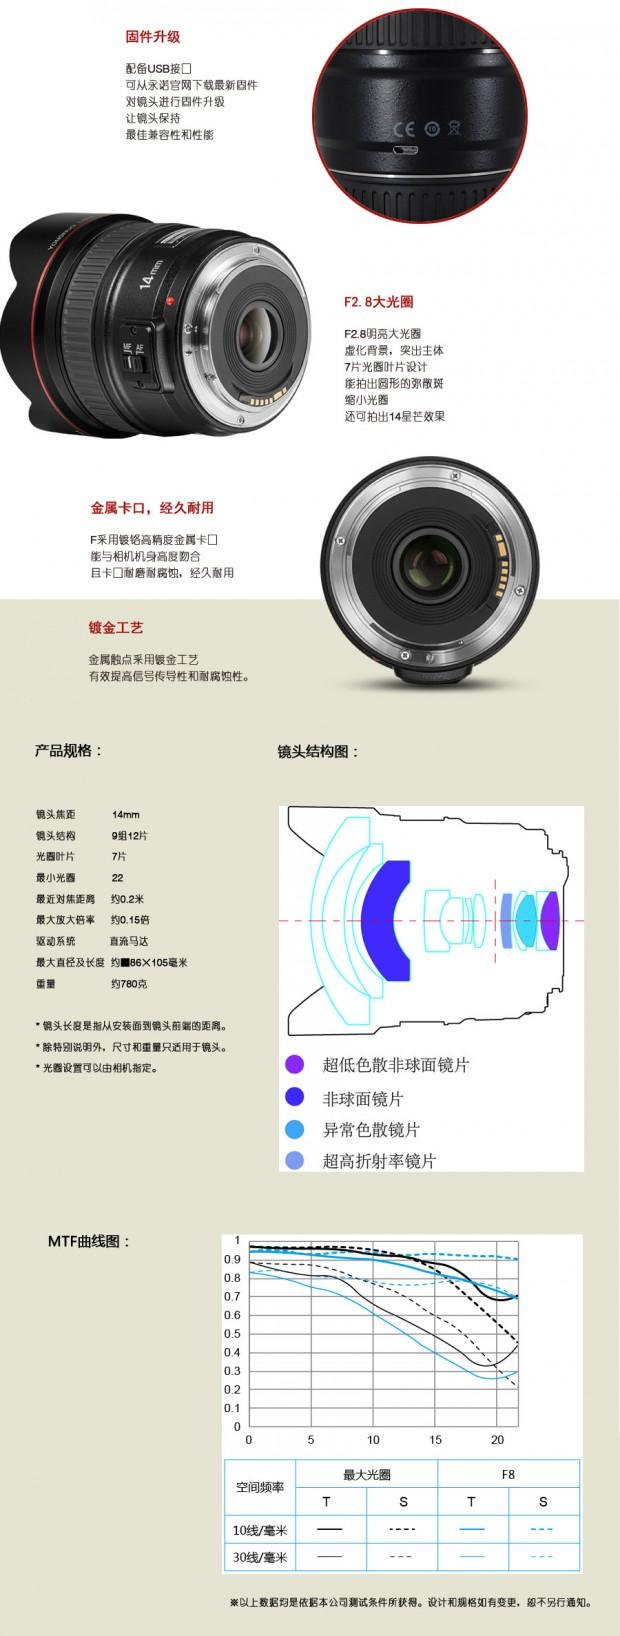 more 14mm lens info